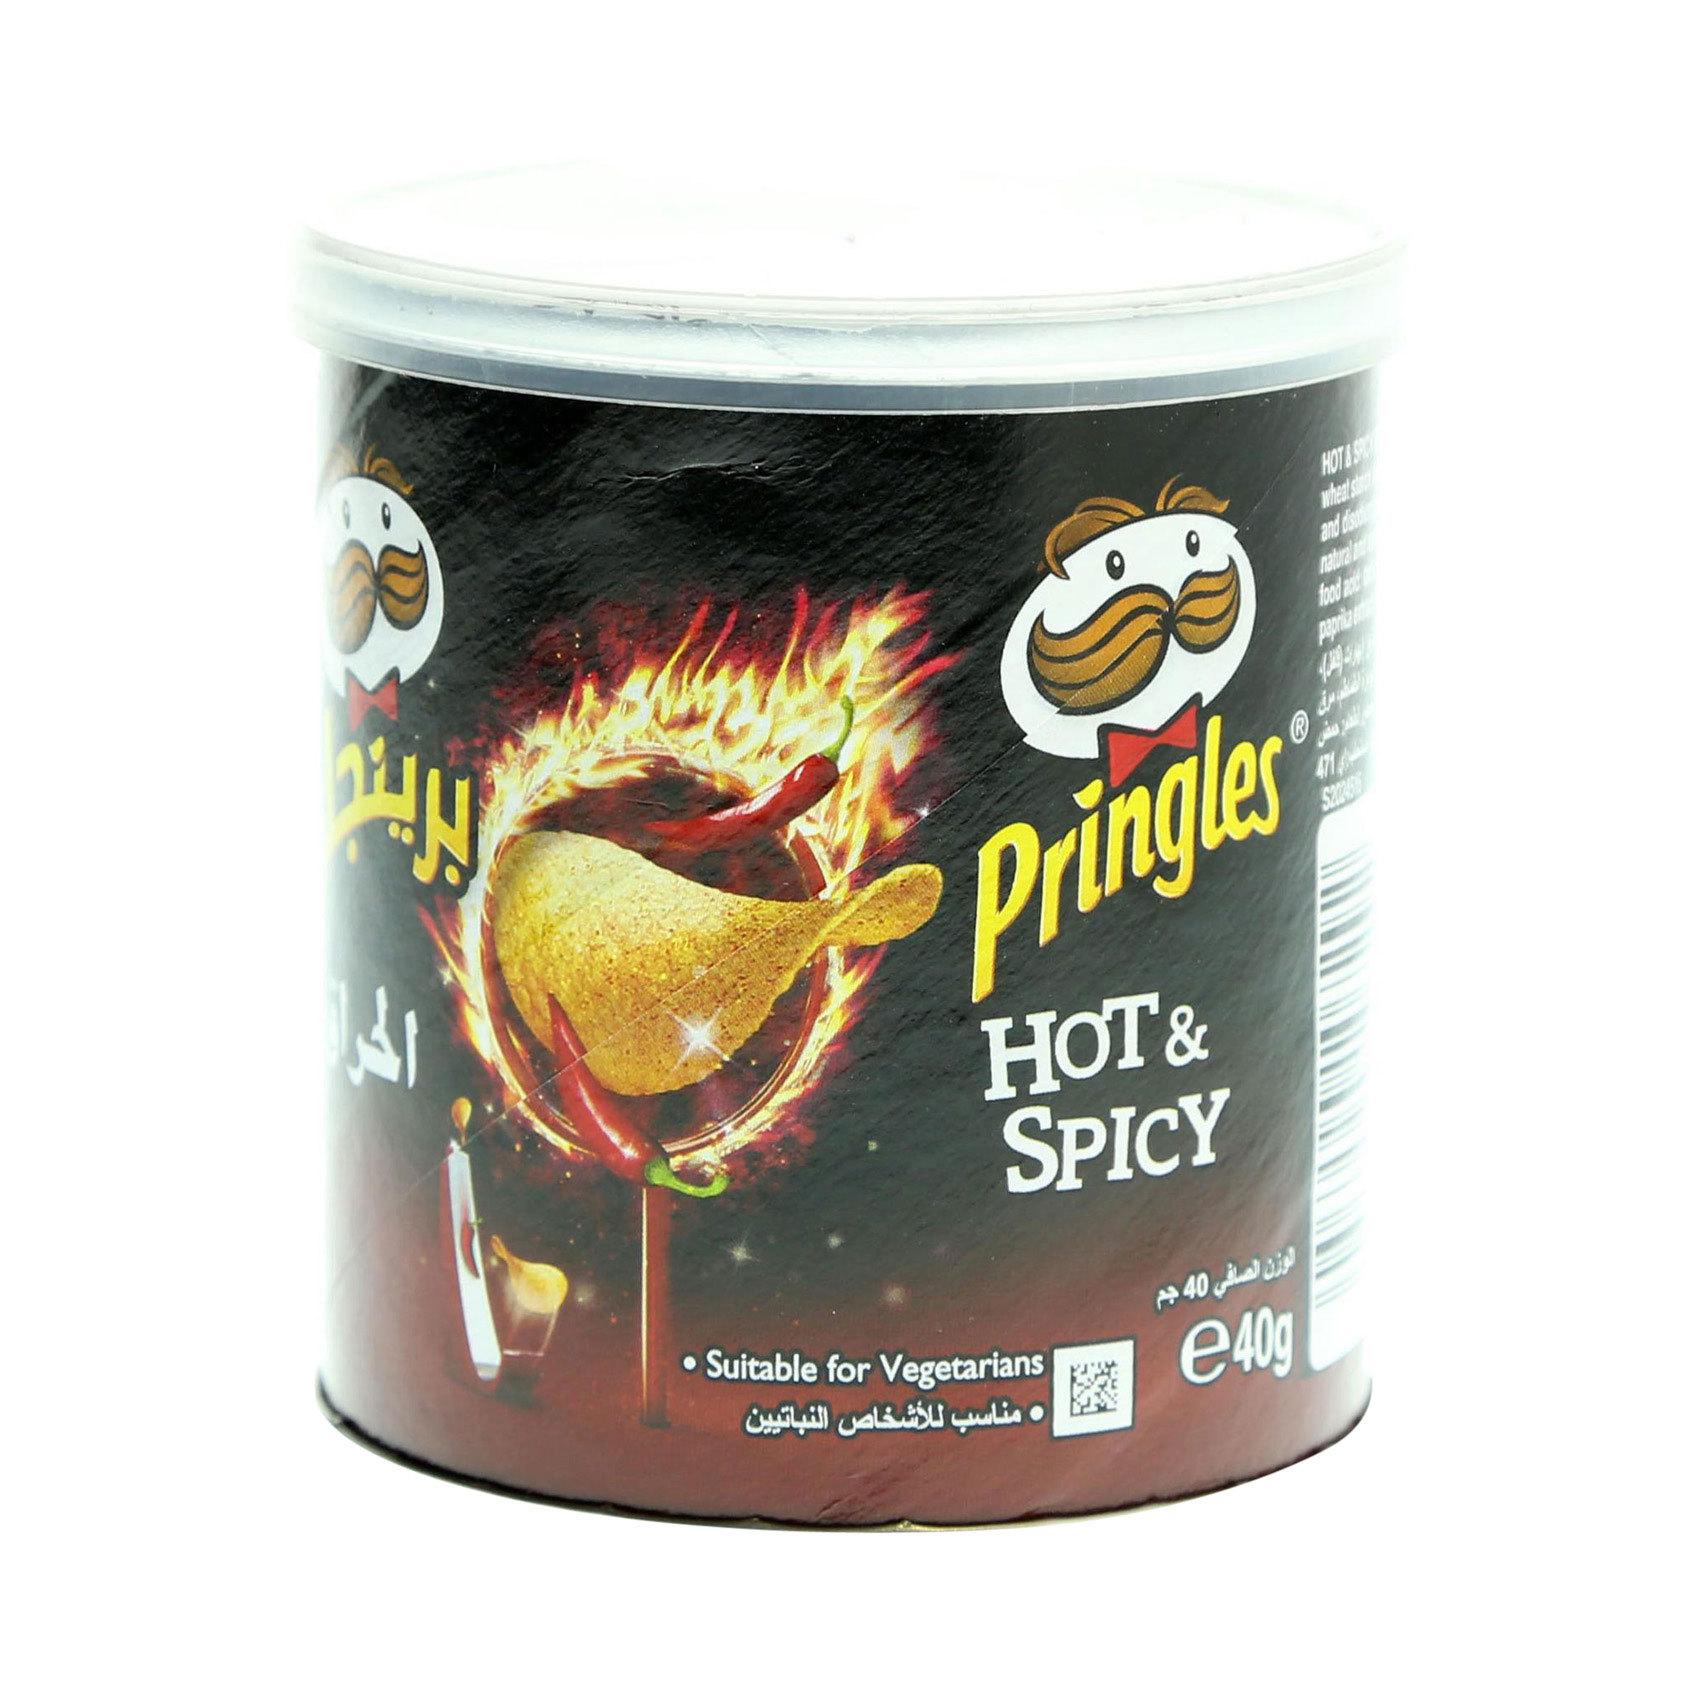 PRINGLES H&S 40G